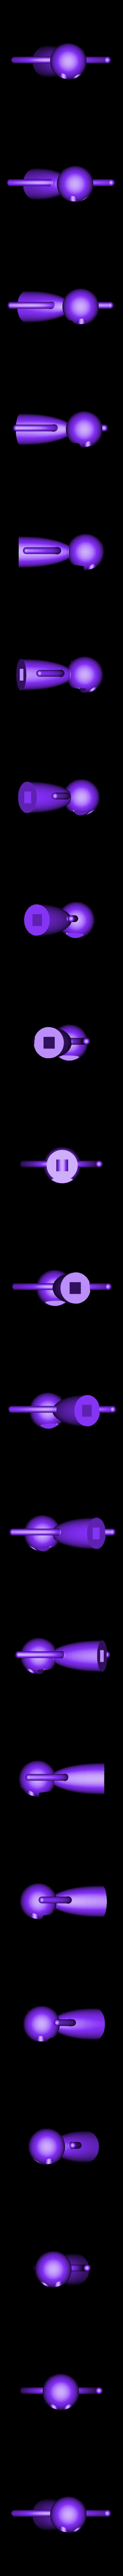 Function_Stickman_yx³_top.stl Télécharger fichier STL gratuit Dancing Function Stickmen • Plan pour impression 3D, Chrisibub